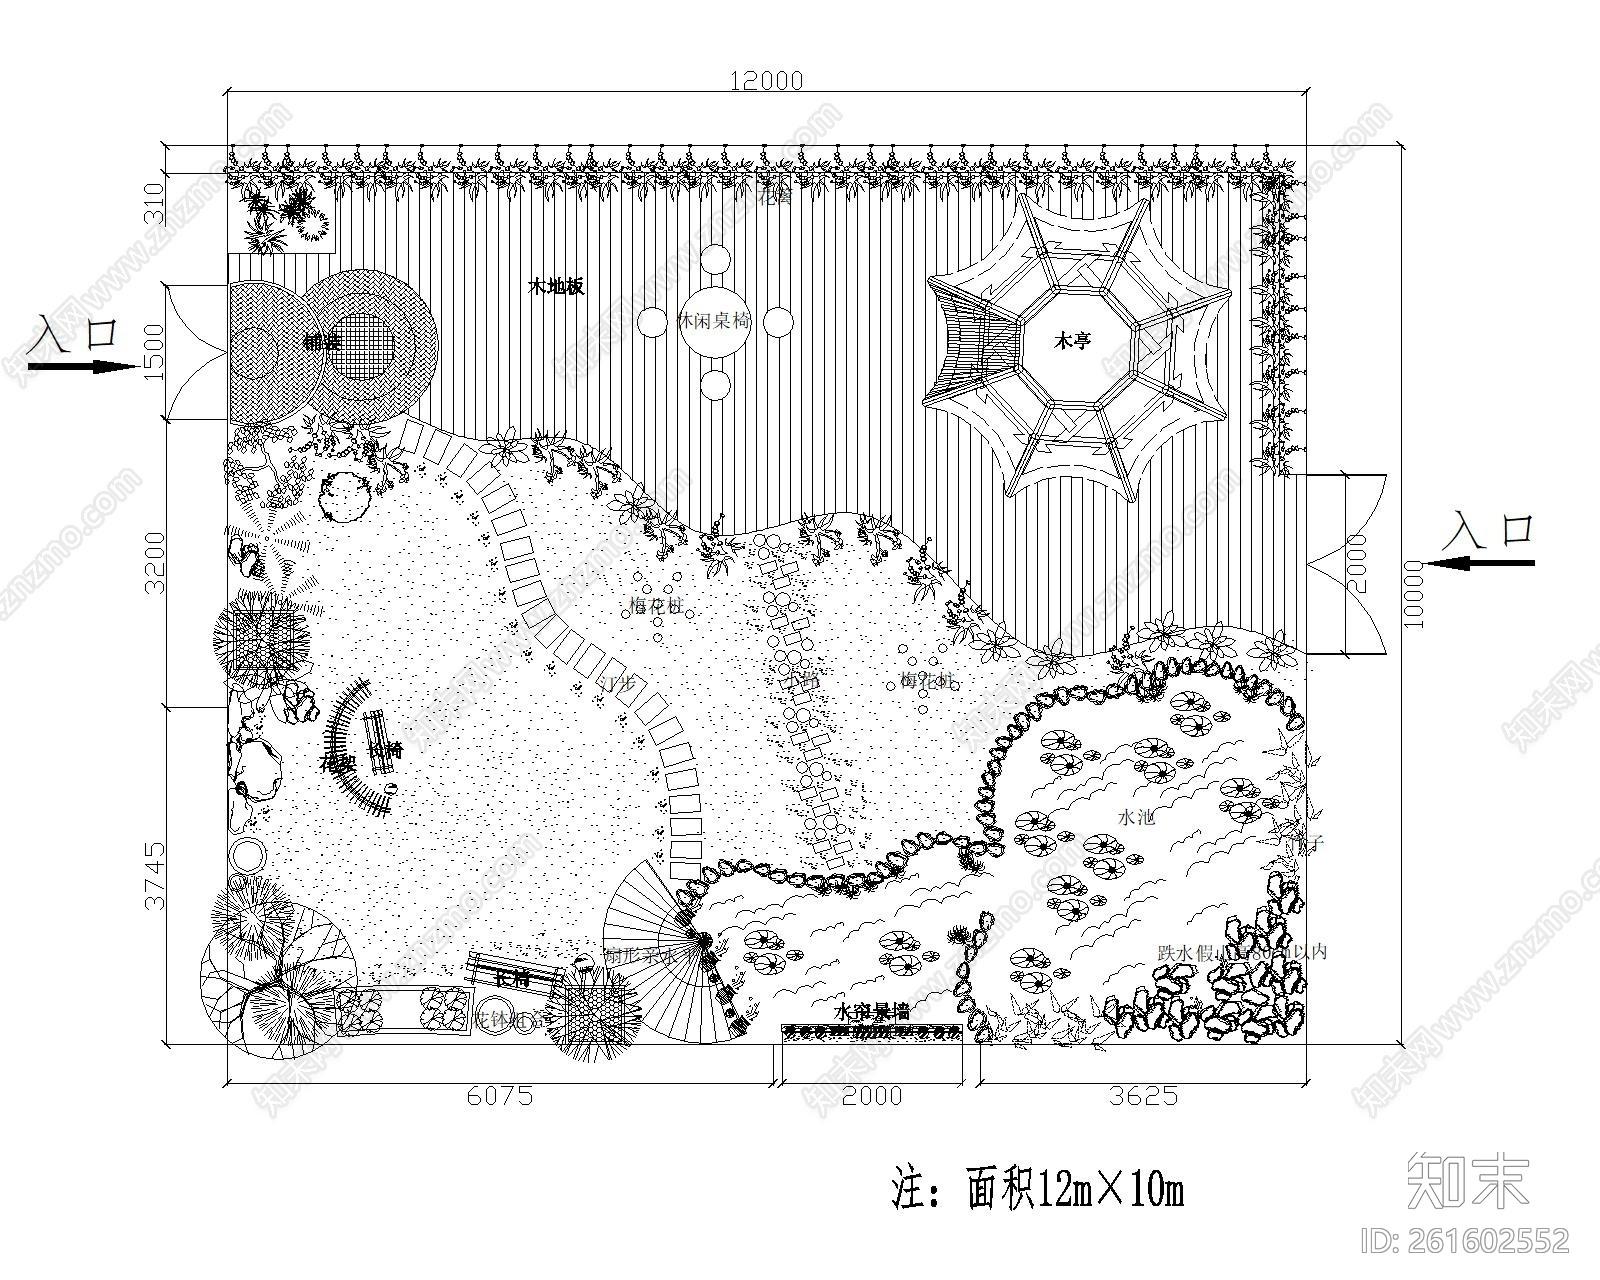 别墅庭院景观施工图下载【ID:261602552】